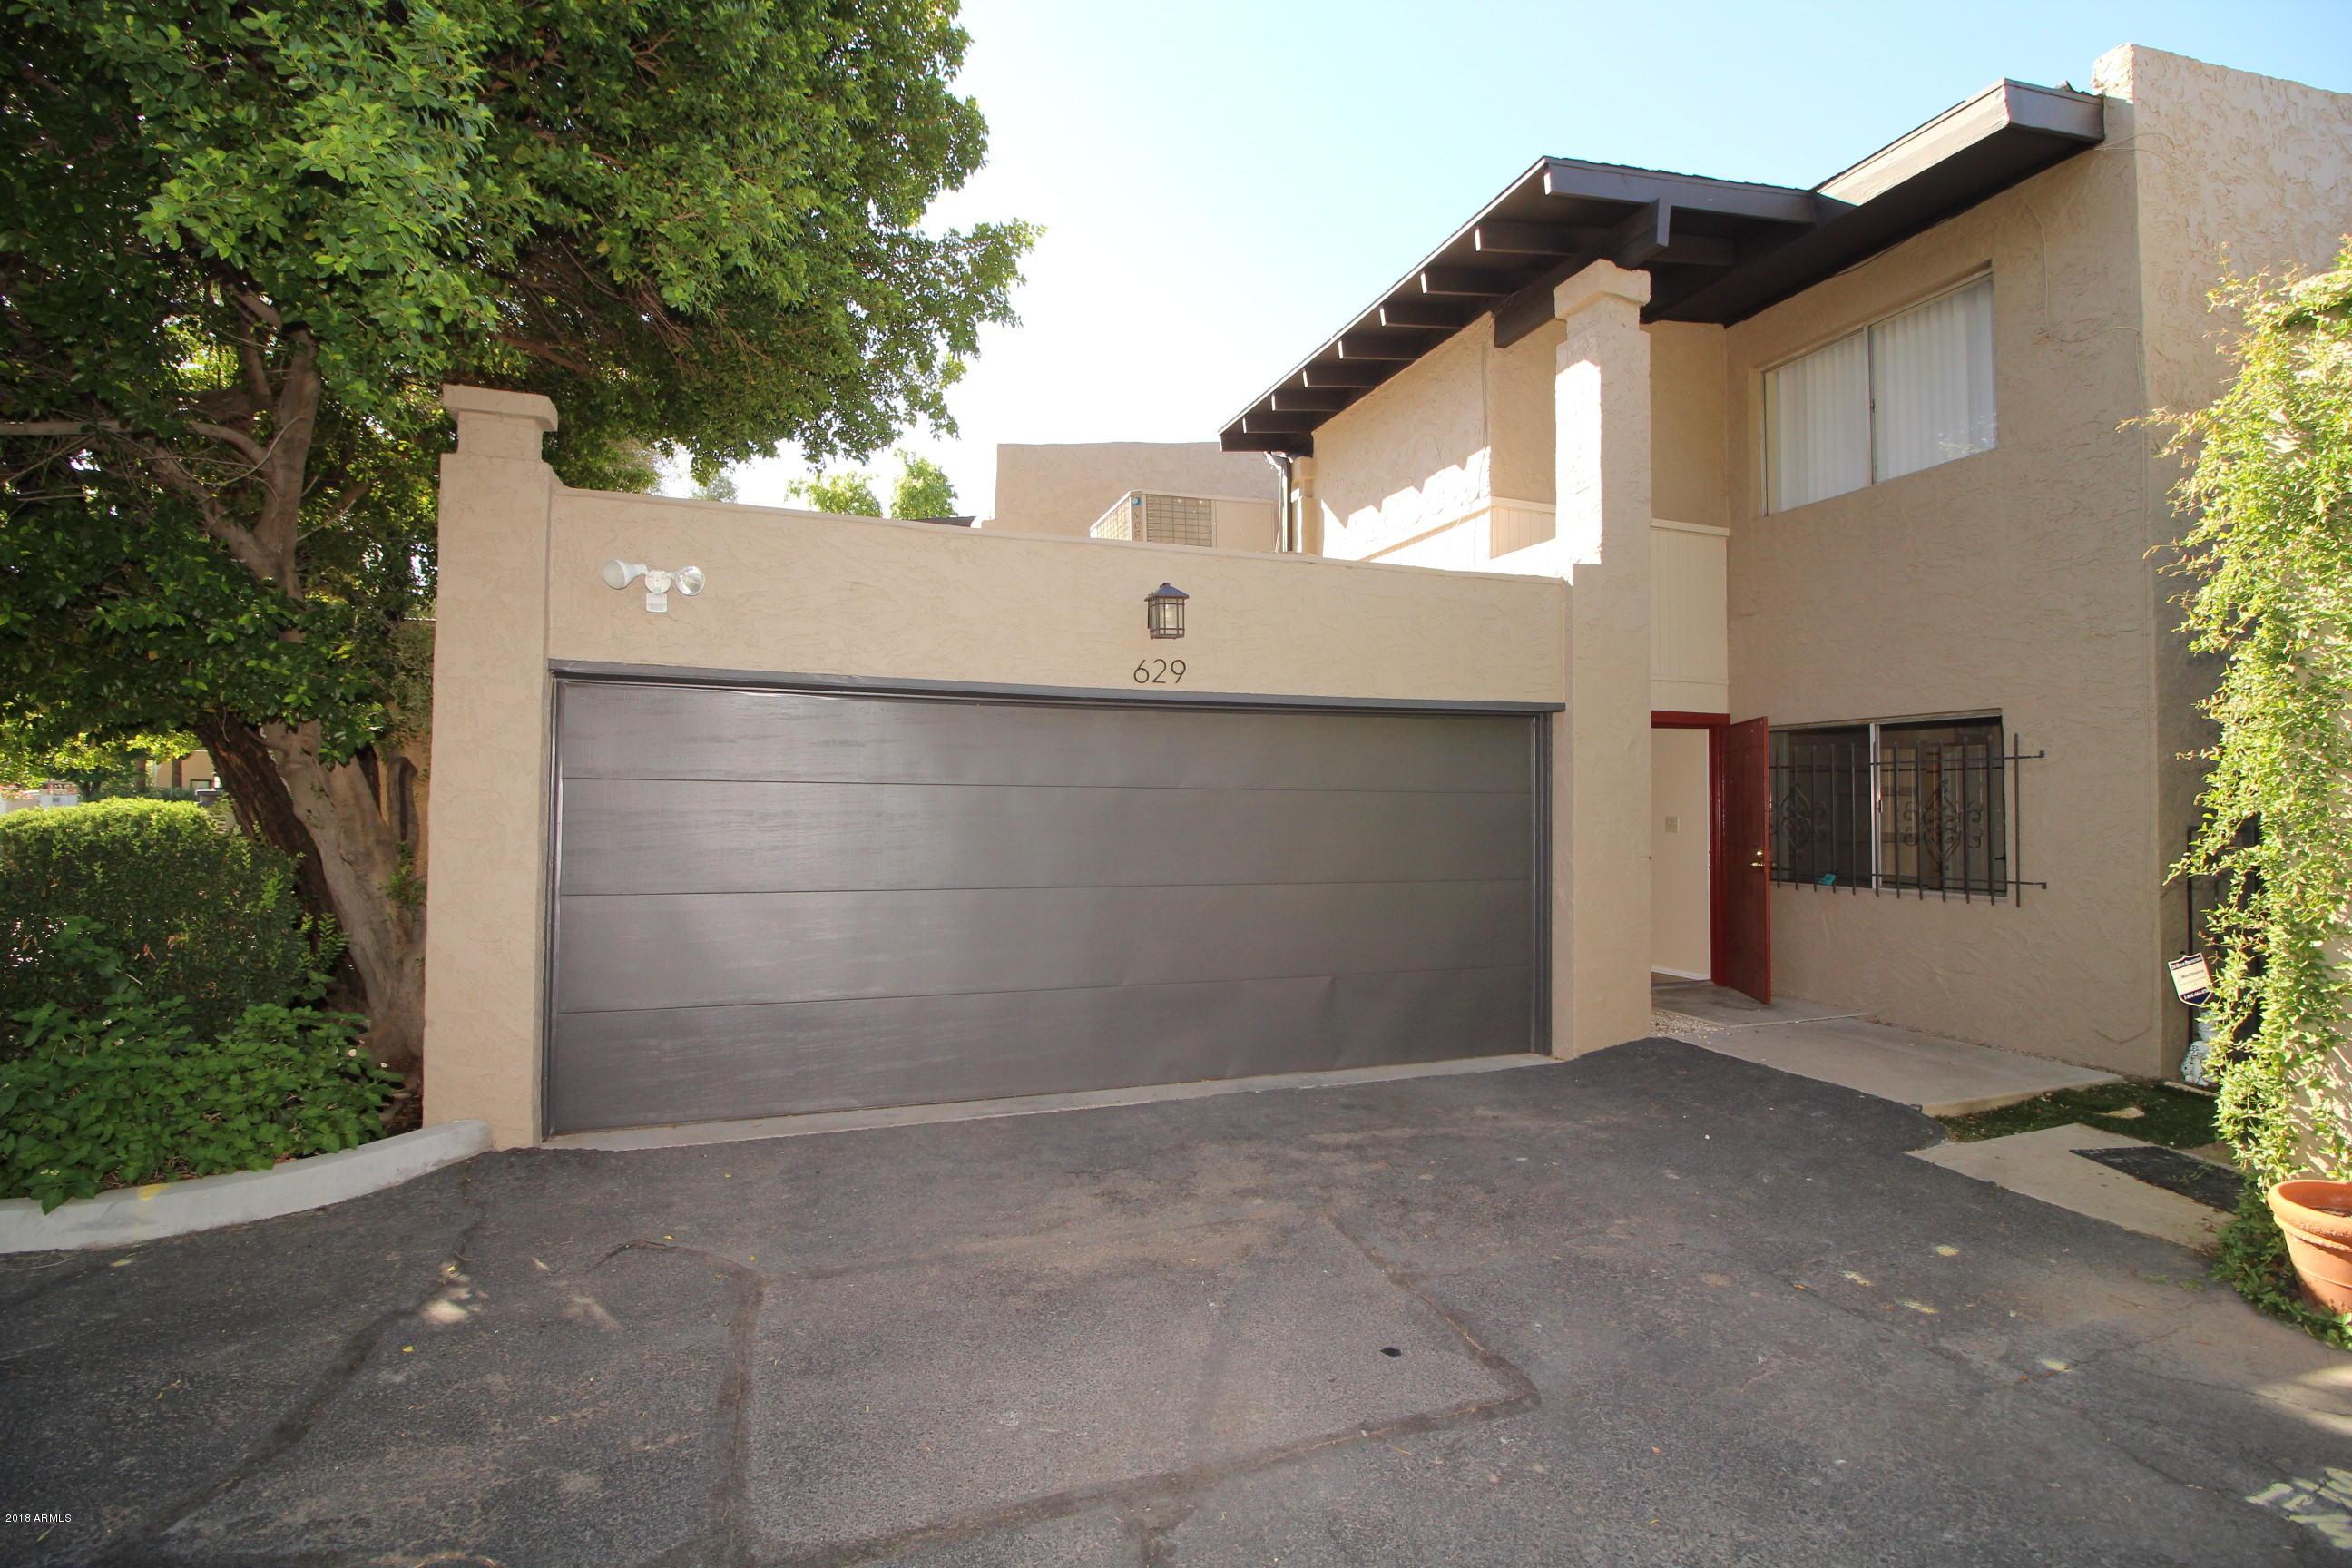 Photo of 629 E MANZANITA Place, Phoenix, AZ 85020